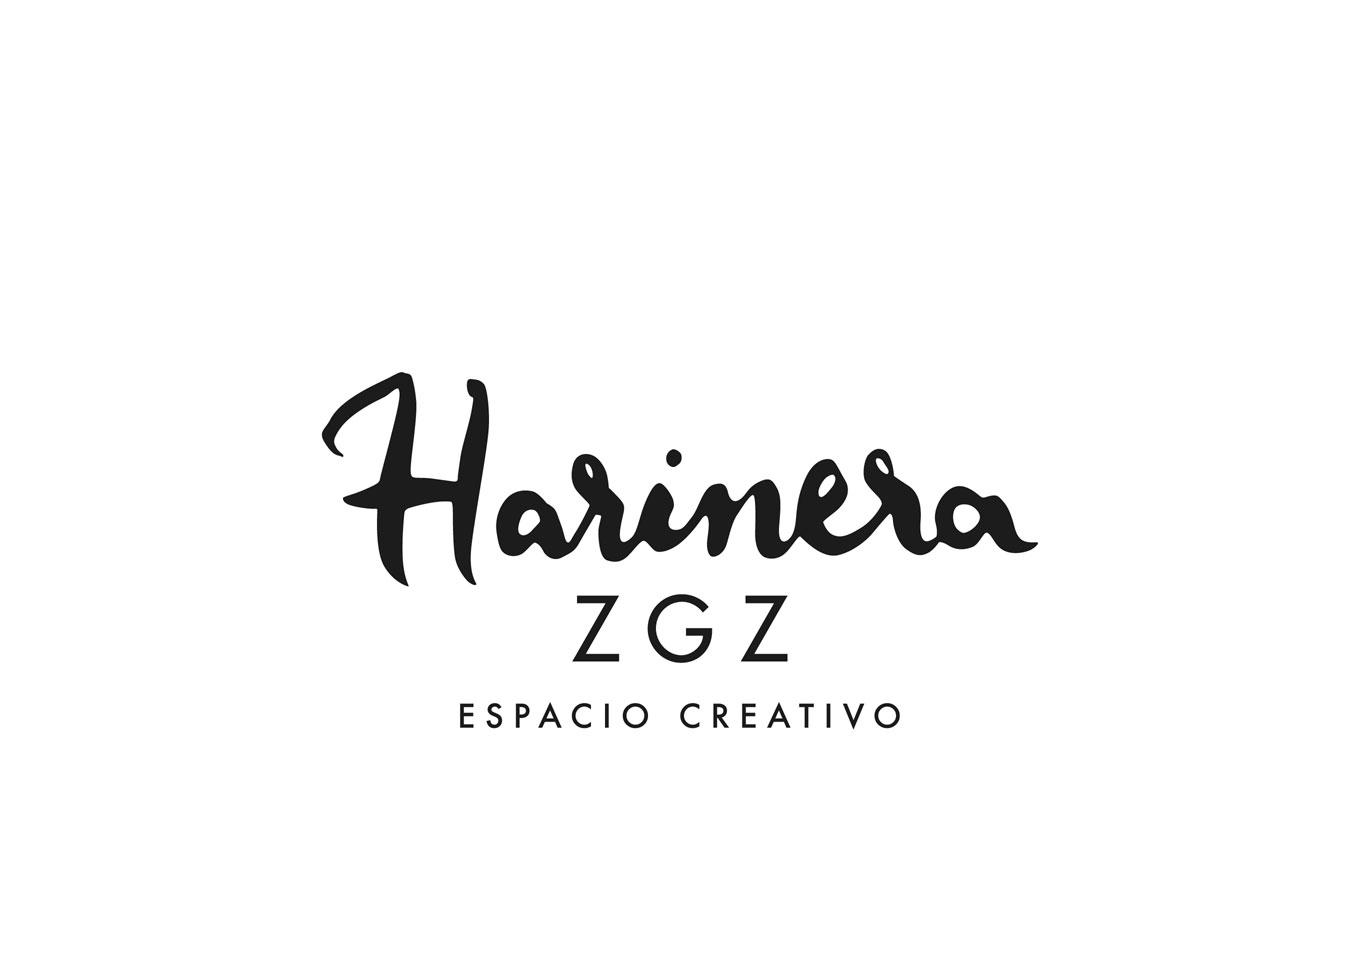 Diseño de logotipo con la leyenda Espacio Creativo con el que participamos en el concurso para el diseño de imagen corporativa de Harinera ZGZ